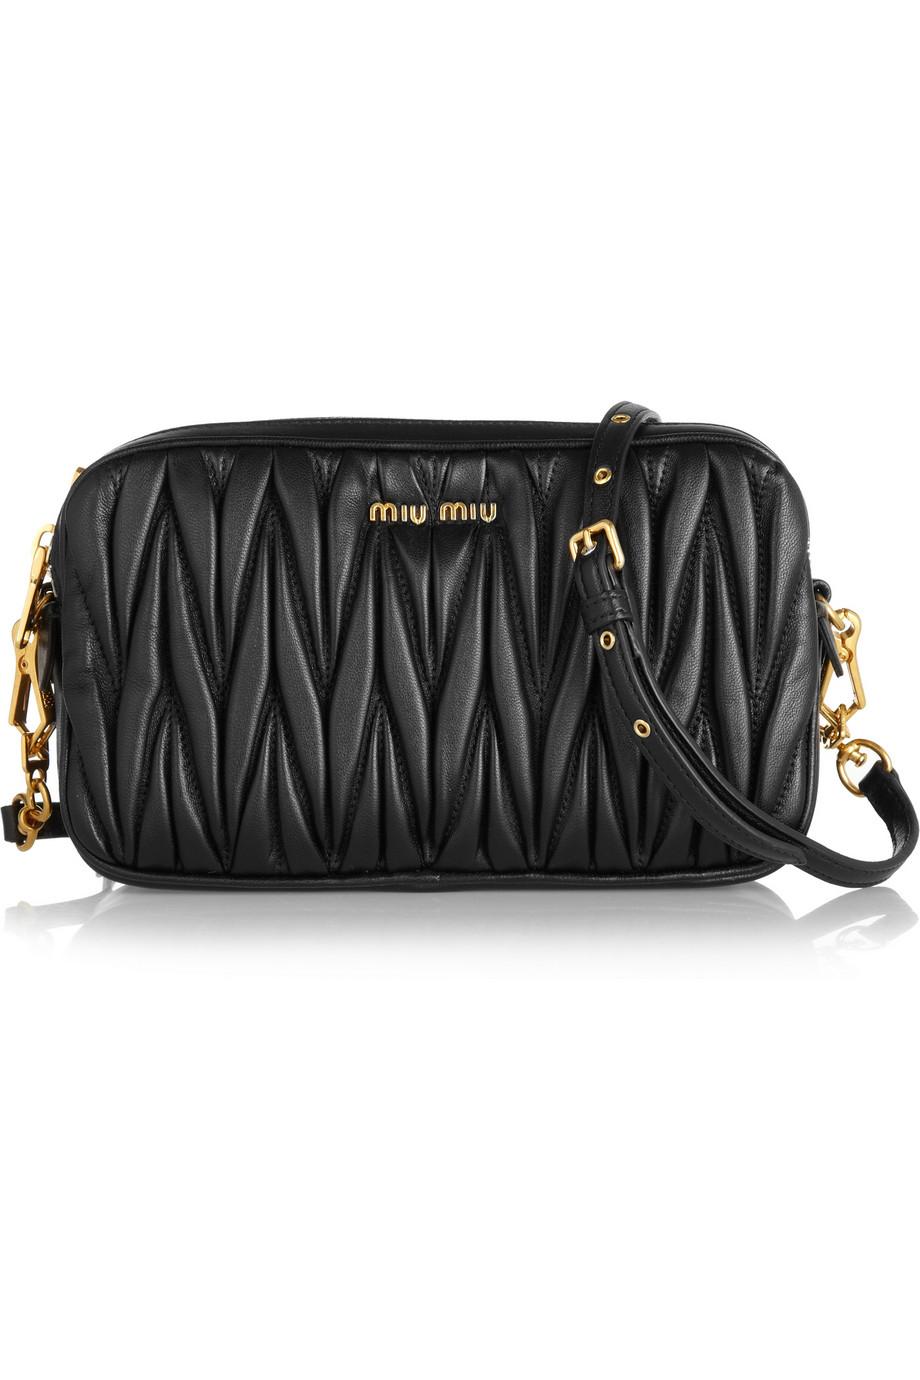 Lyst Miu Miu Matelass 233 Leather Shoulder Bag In Black